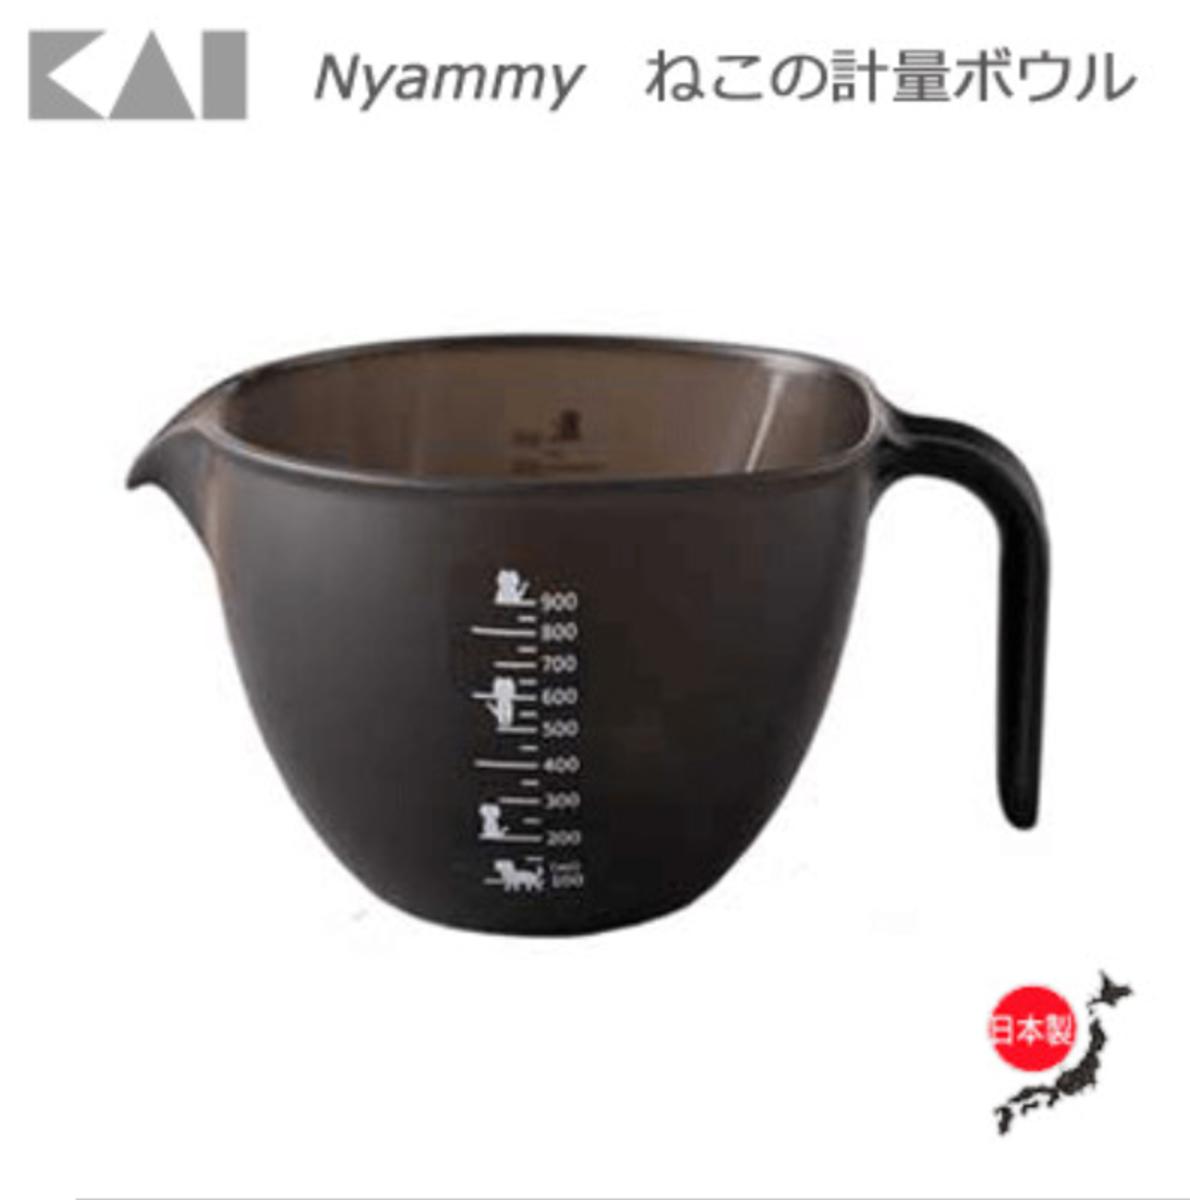 (Made in Japan) Plastic Liquid Measurement Bowl // Cat Printing